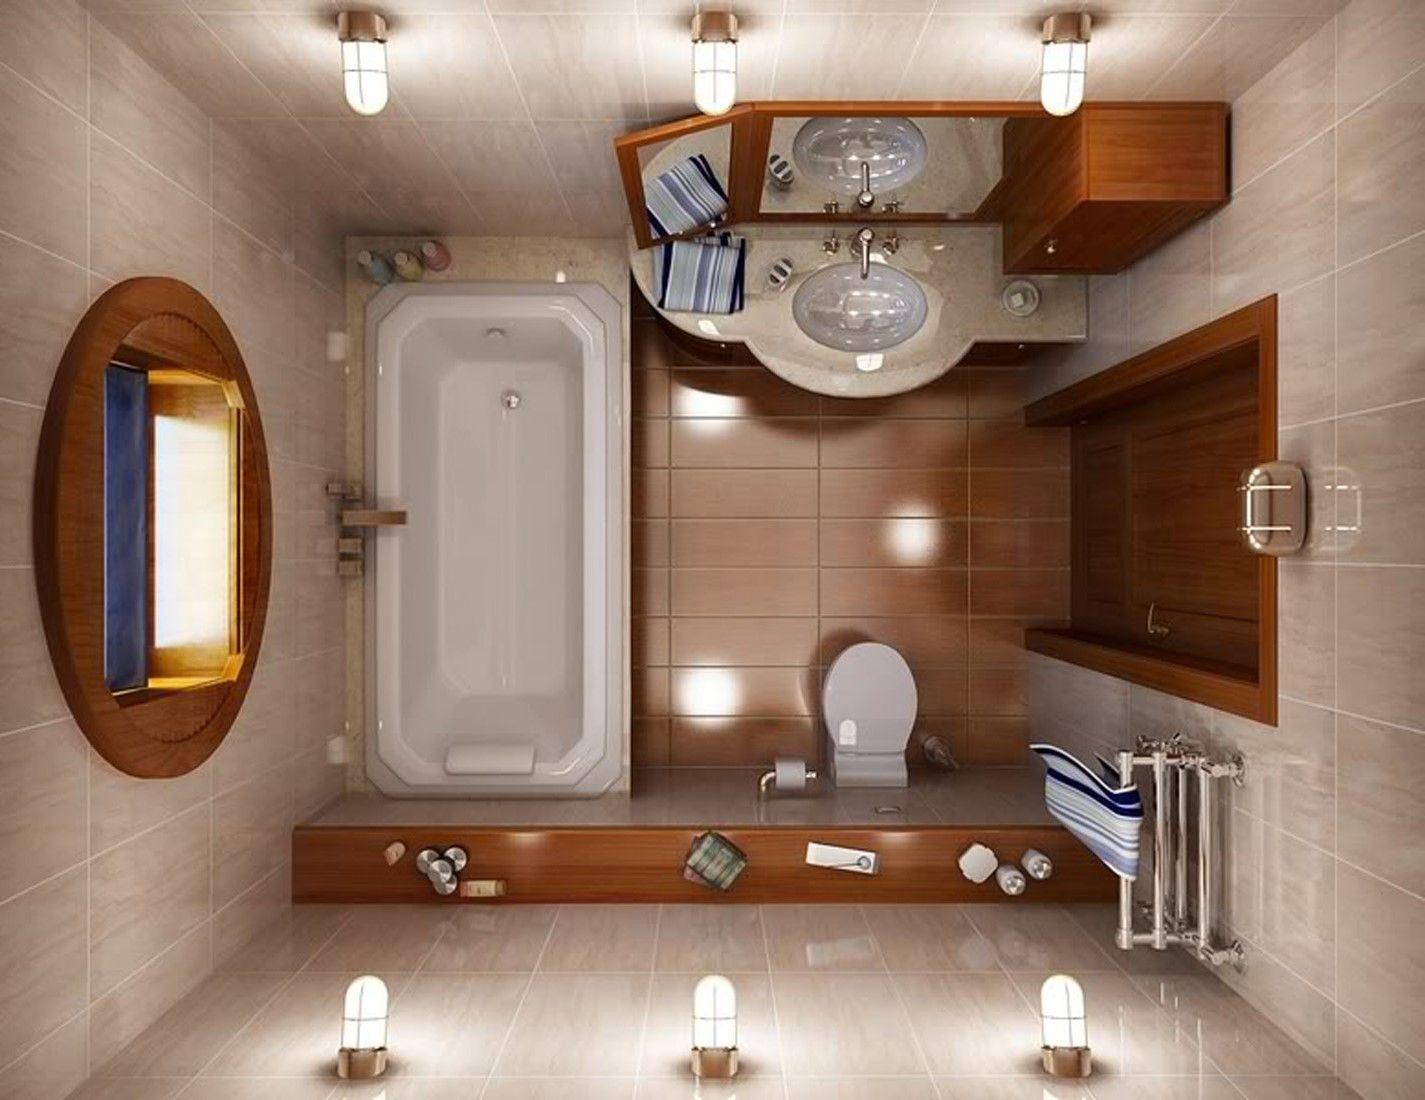 Cuartos de ba o todo lo que deber as tener en cuenta para decorar o montar tu cuarto de ba o en - Lo ultimo en cuartos de bano ...